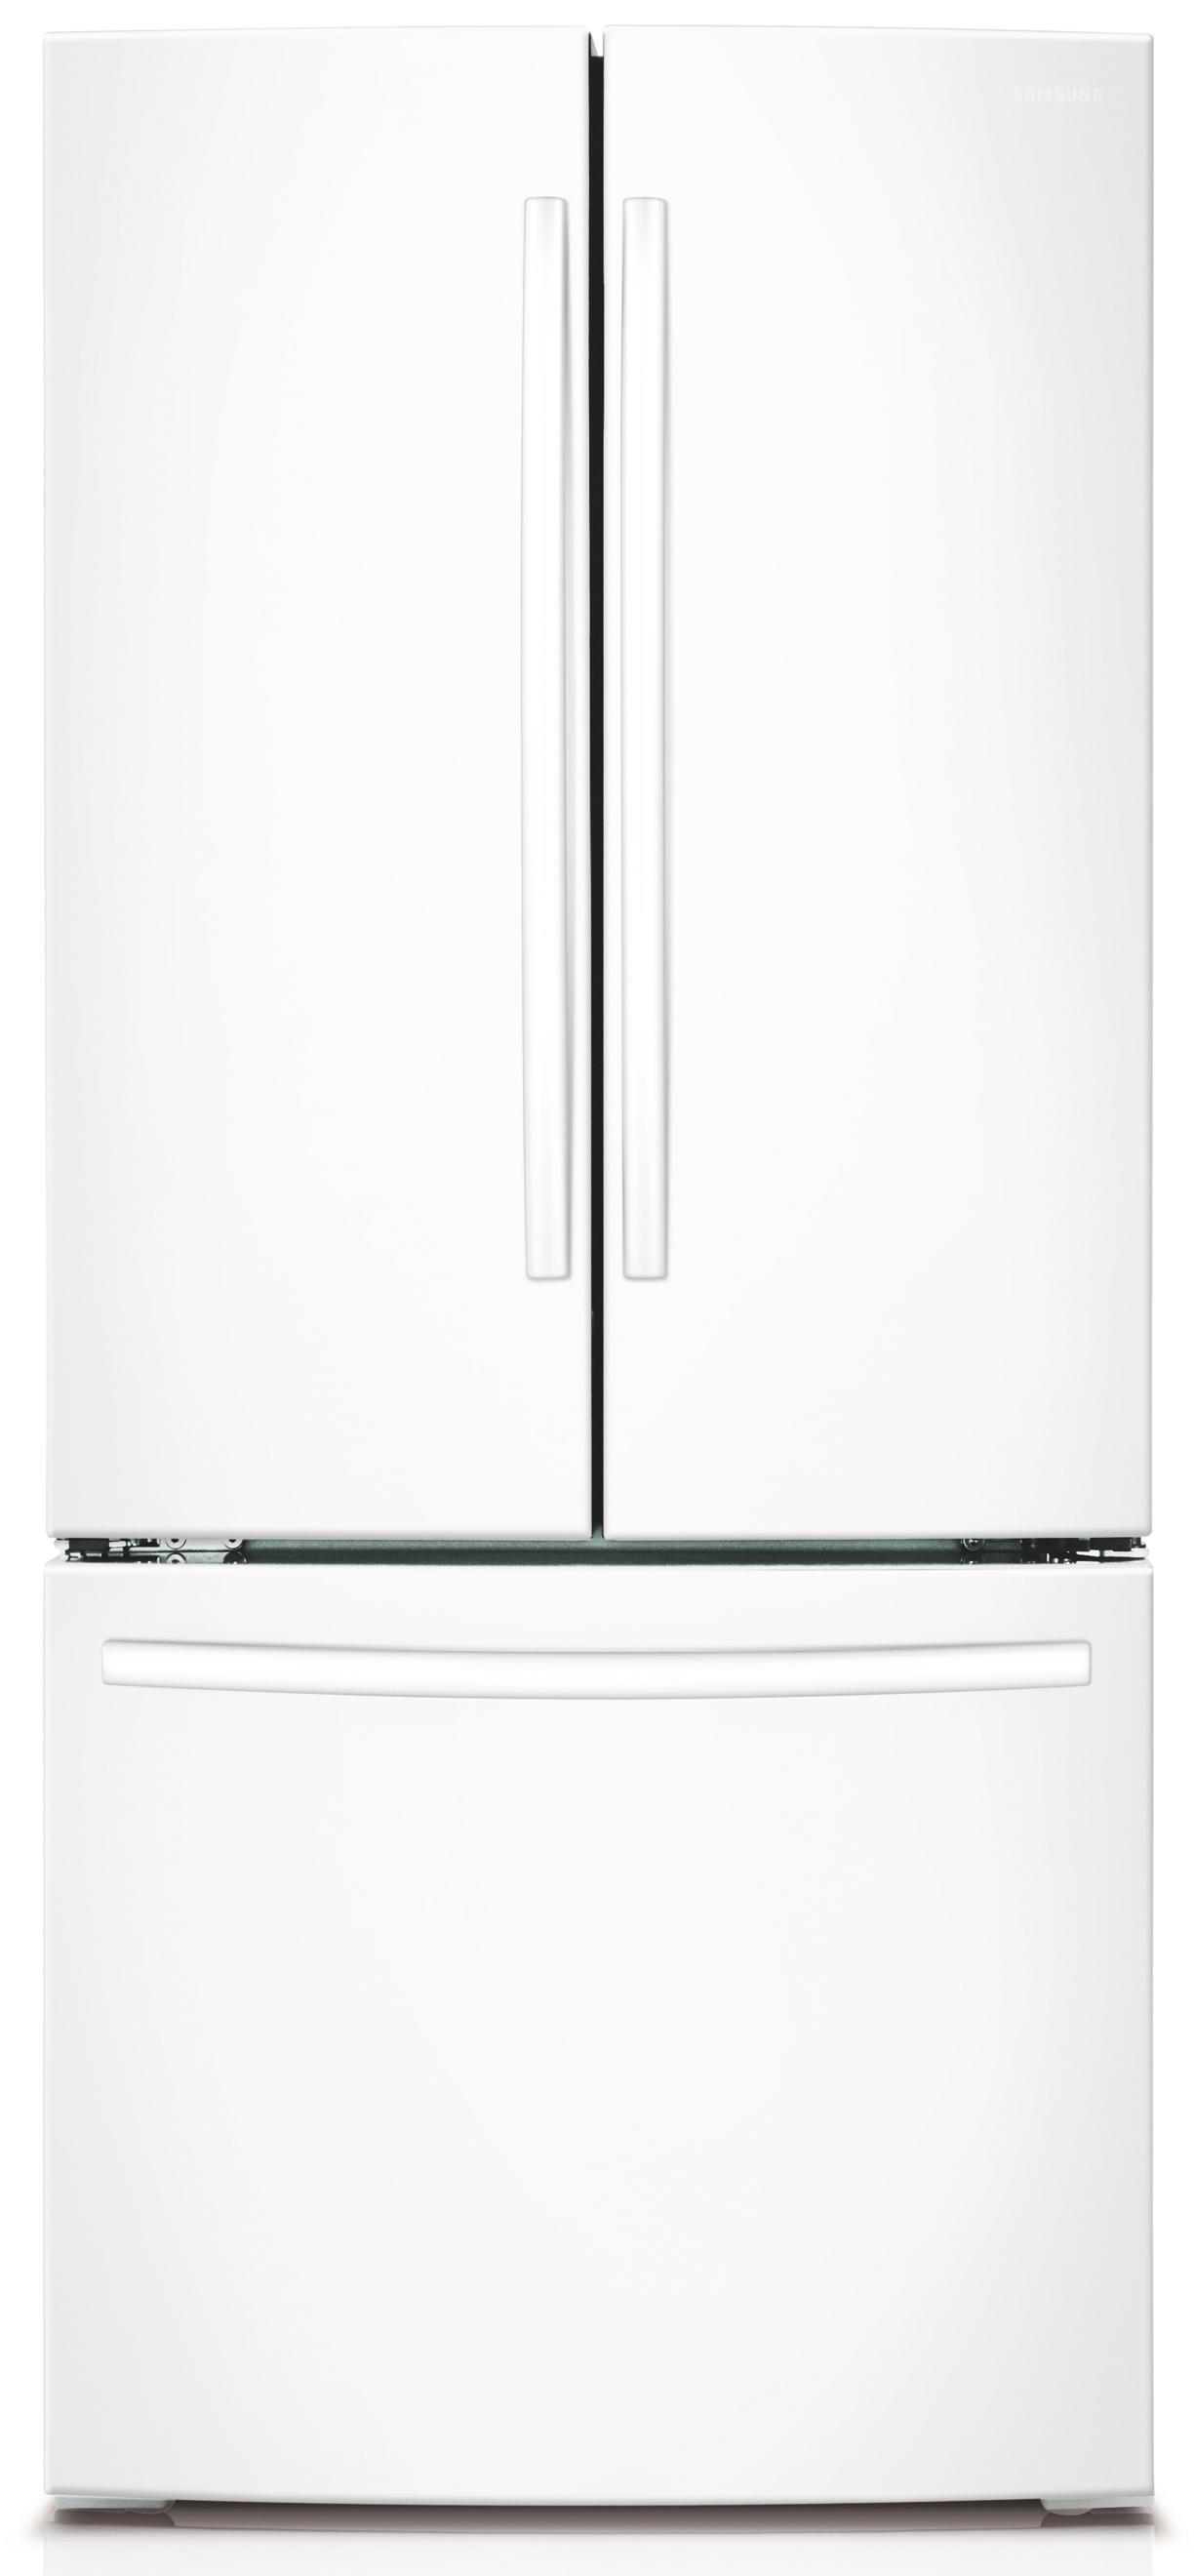 21.6 Cu. Ft. French Door Refrigerator